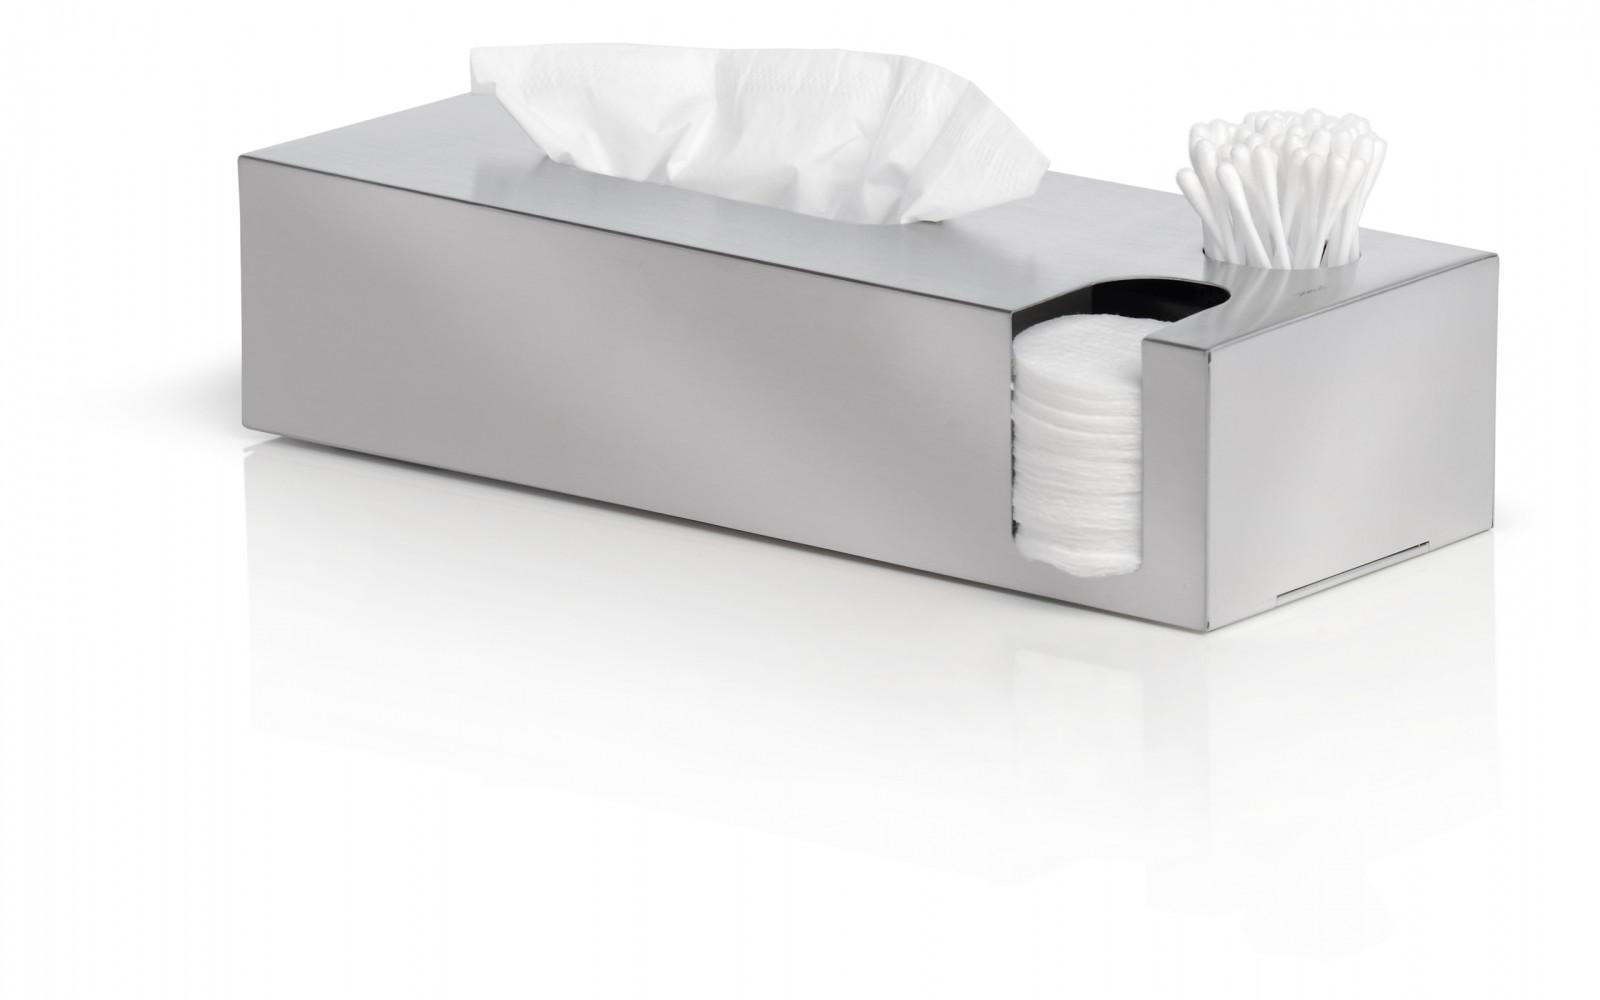 blomus edelstahl box f r kosmetikt cher wattest bchen wattepads kombibox nexio 68689 bad bad. Black Bedroom Furniture Sets. Home Design Ideas